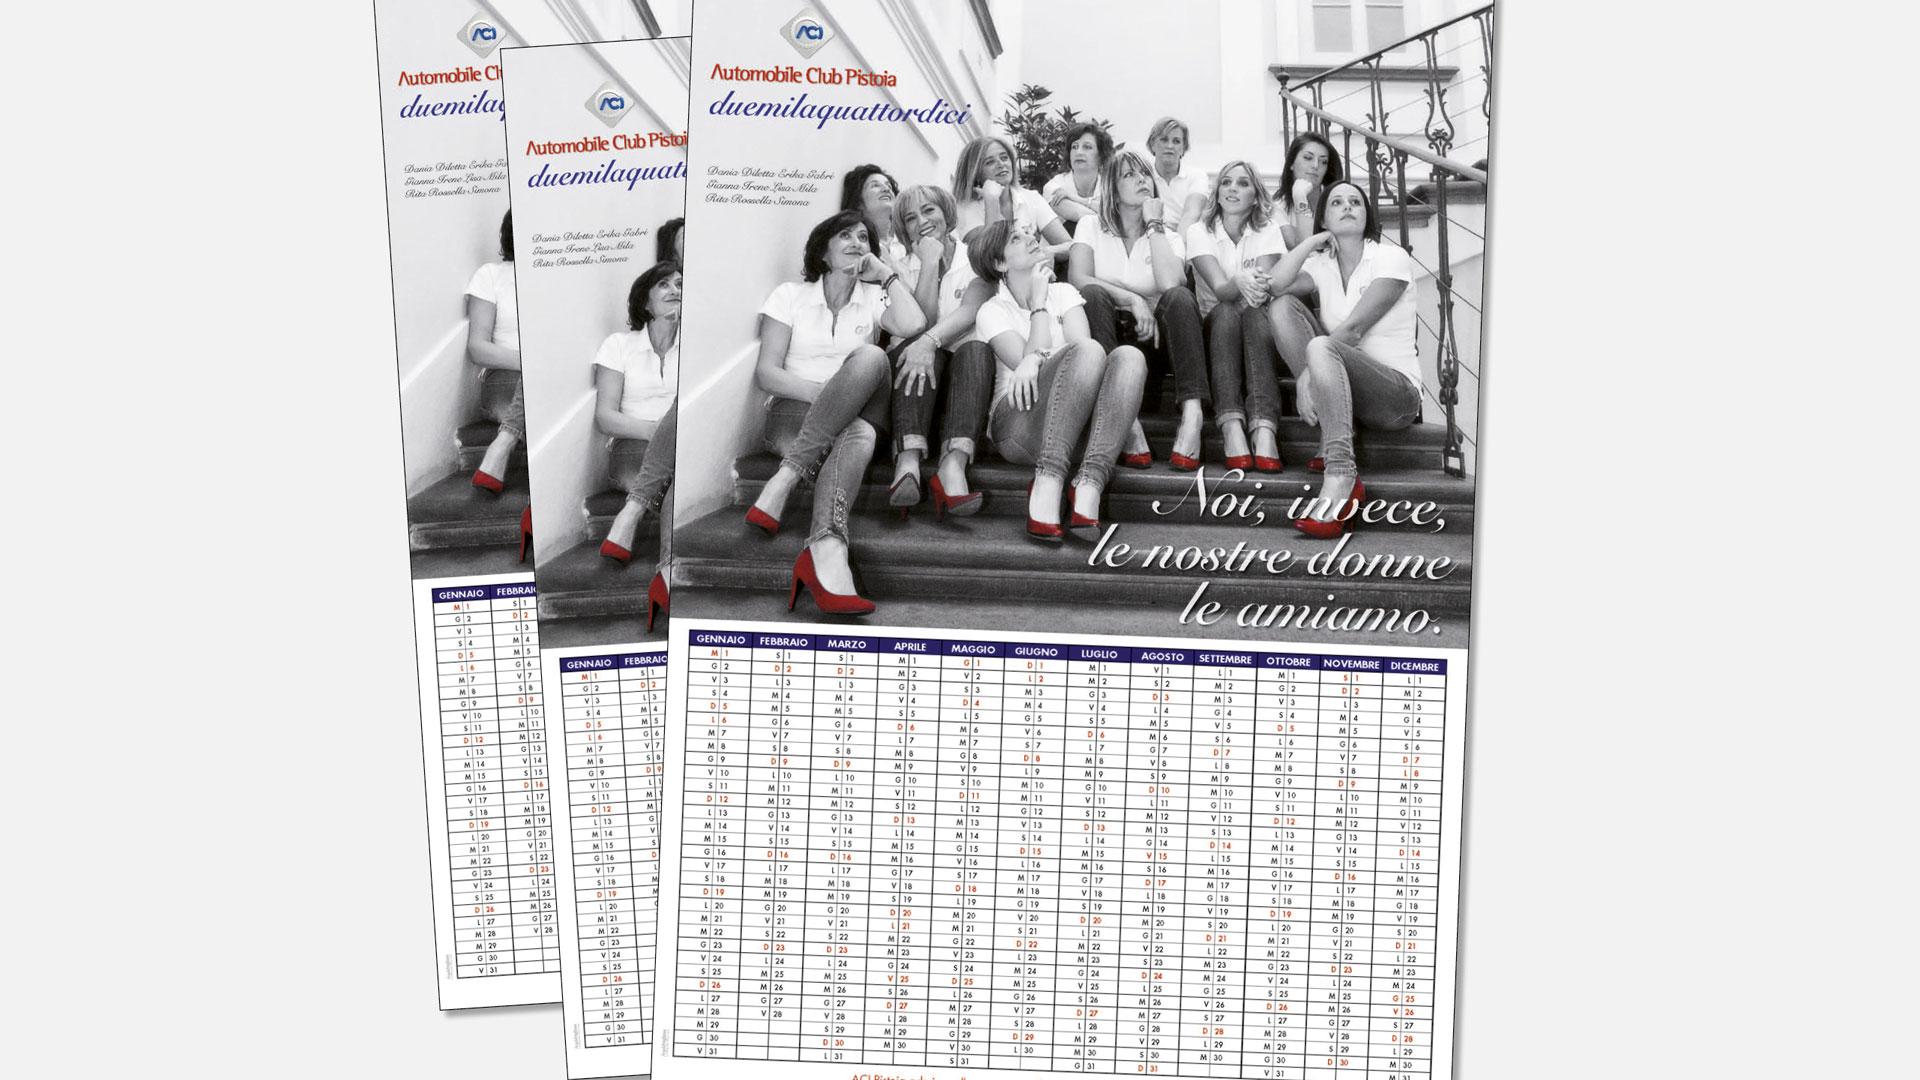 ACI calendario 2014